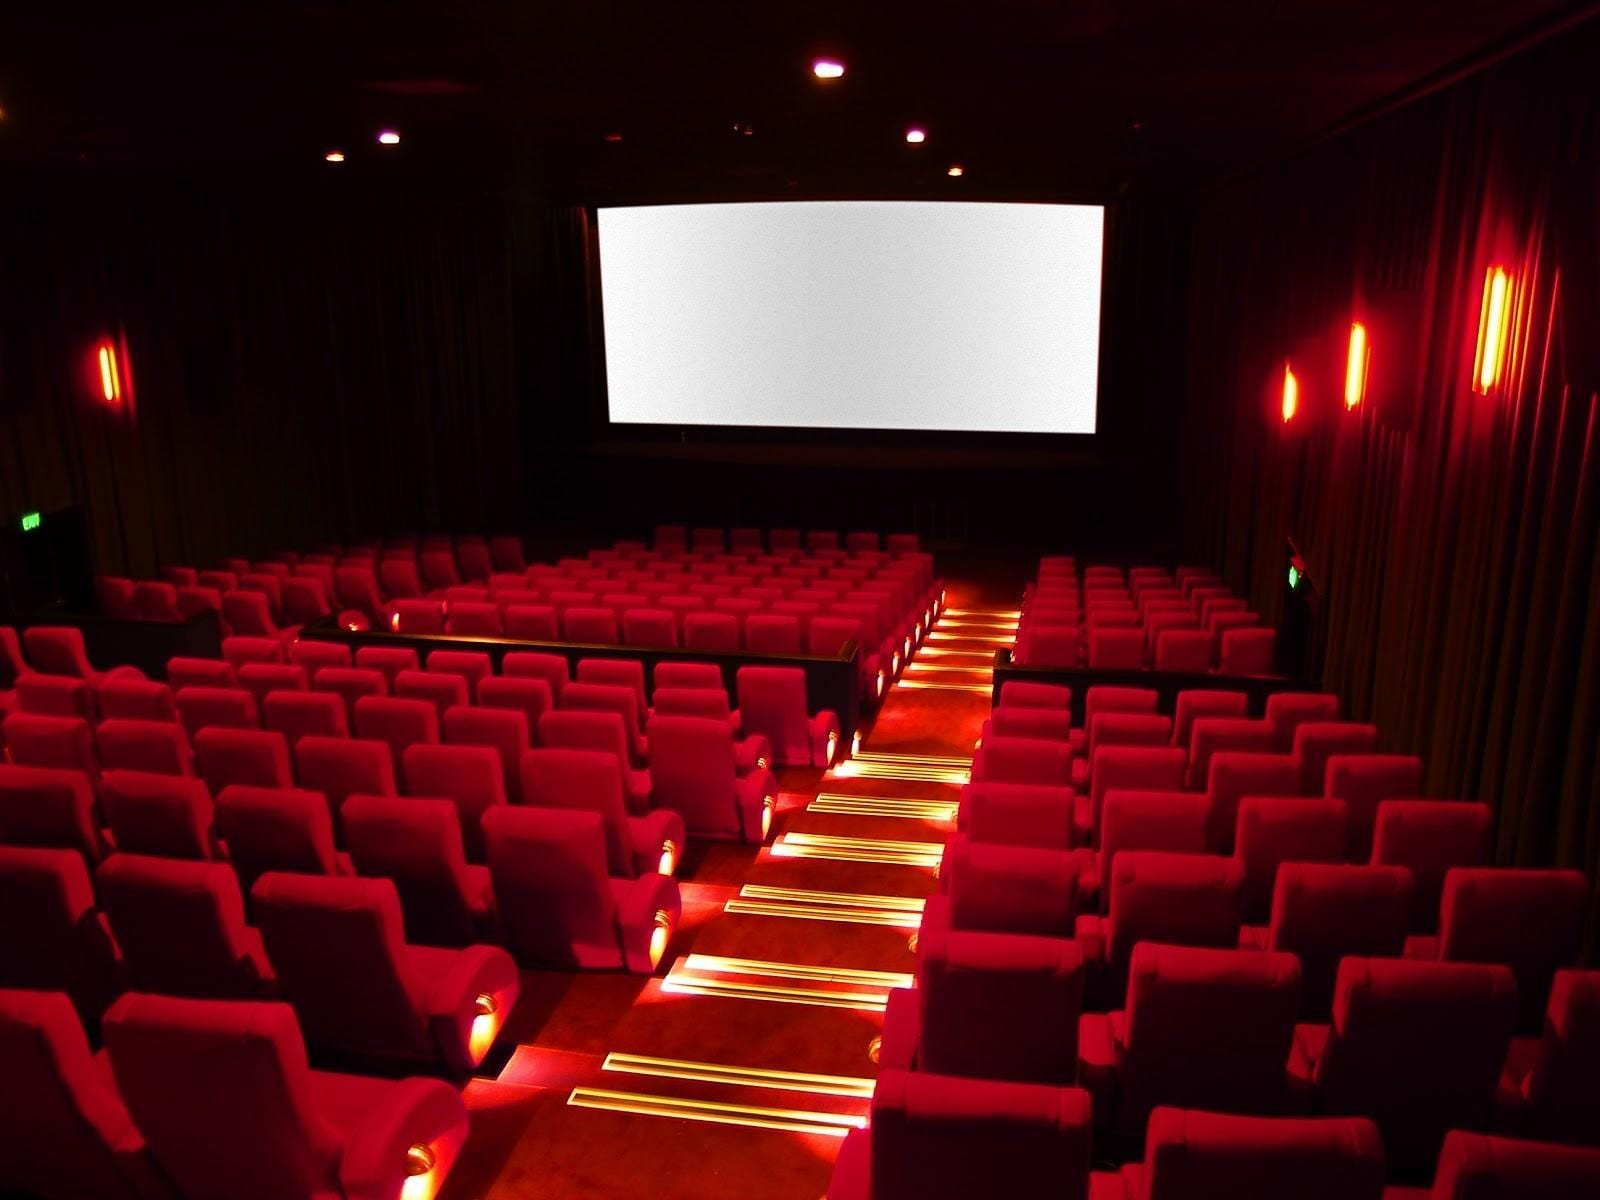 Coronavirus: chiusi i cinema in Italia fino al 3 aprile